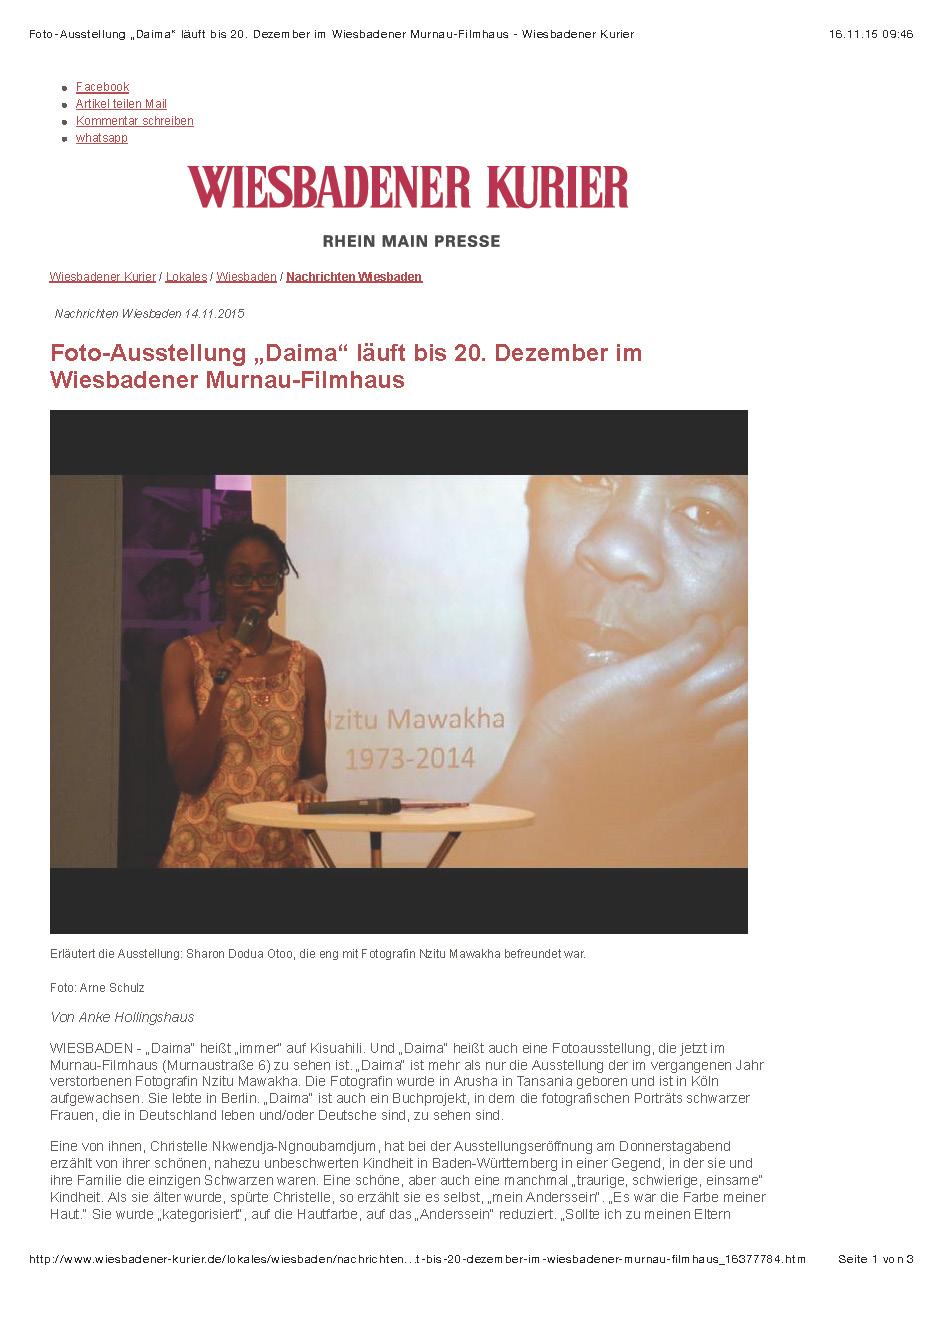 """Foto-Ausstellung """"Daima"""" läuft bis 20. Dezember im Wiesbadener Murnau-Filmhaus - Wiesbadener Kurier_Seite_1"""